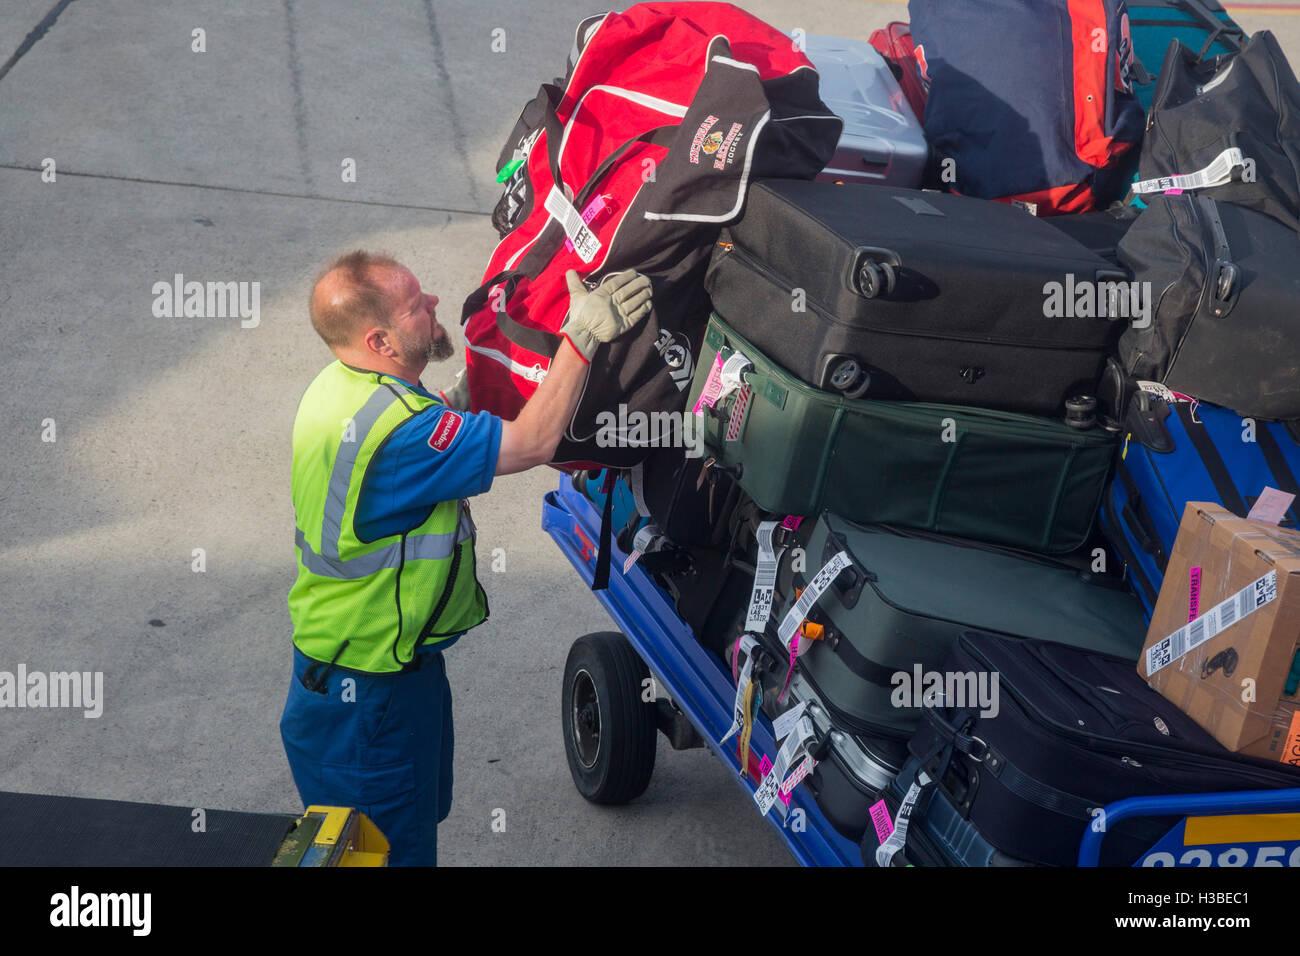 Detroit, Michigan - un lavoratore bagaglio i carichi su di un getto a Detroit Metro Airport. Immagini Stock